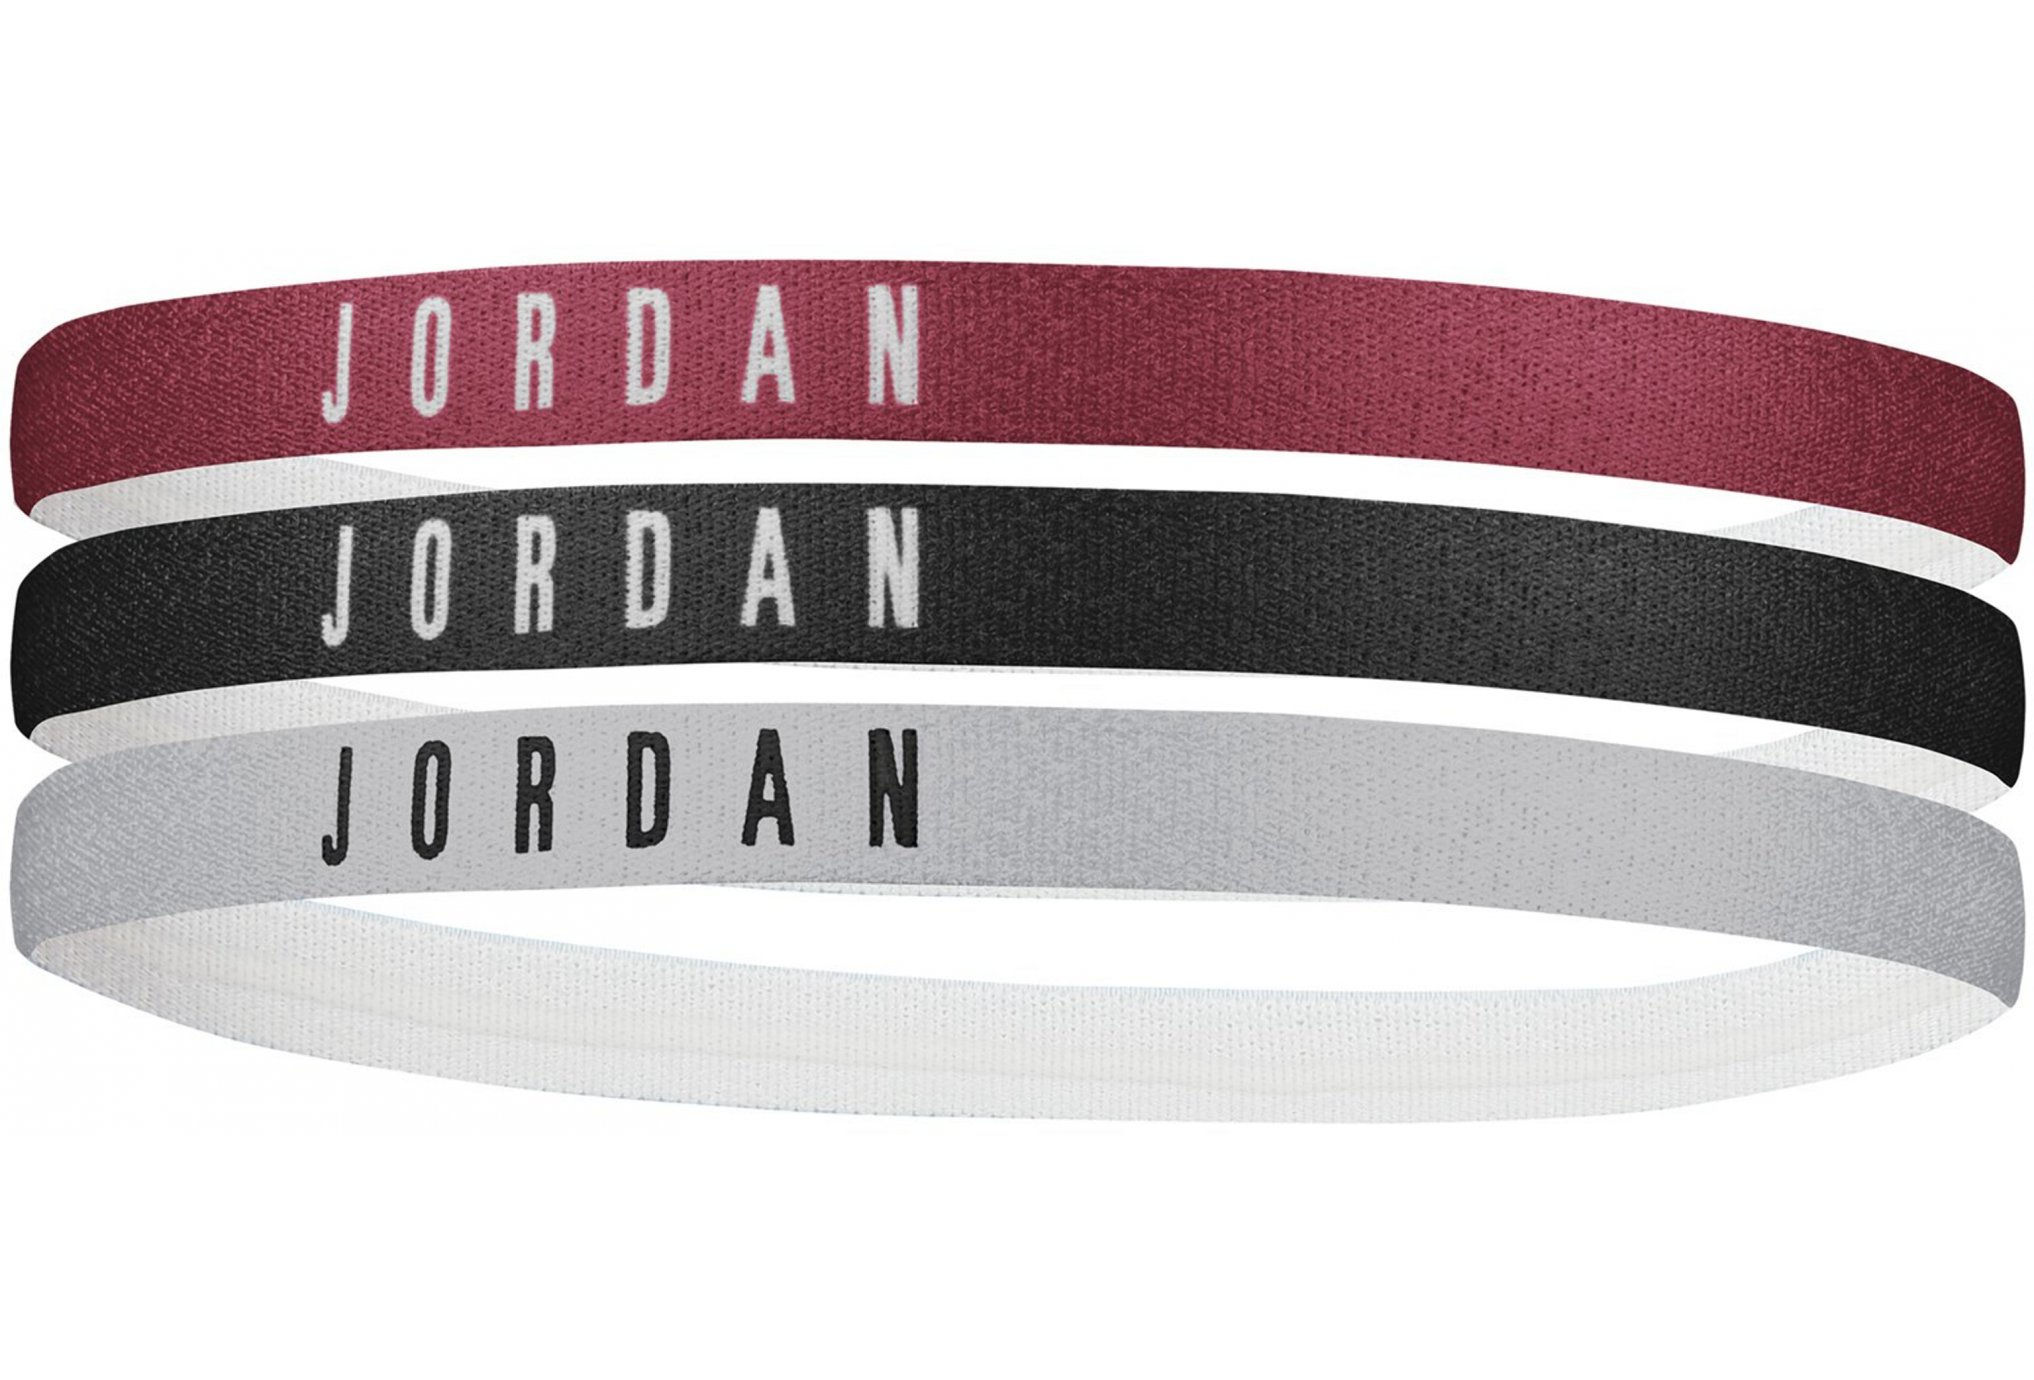 Nike Elastiques Jordan Headbands x3 Casquettes / bandeaux